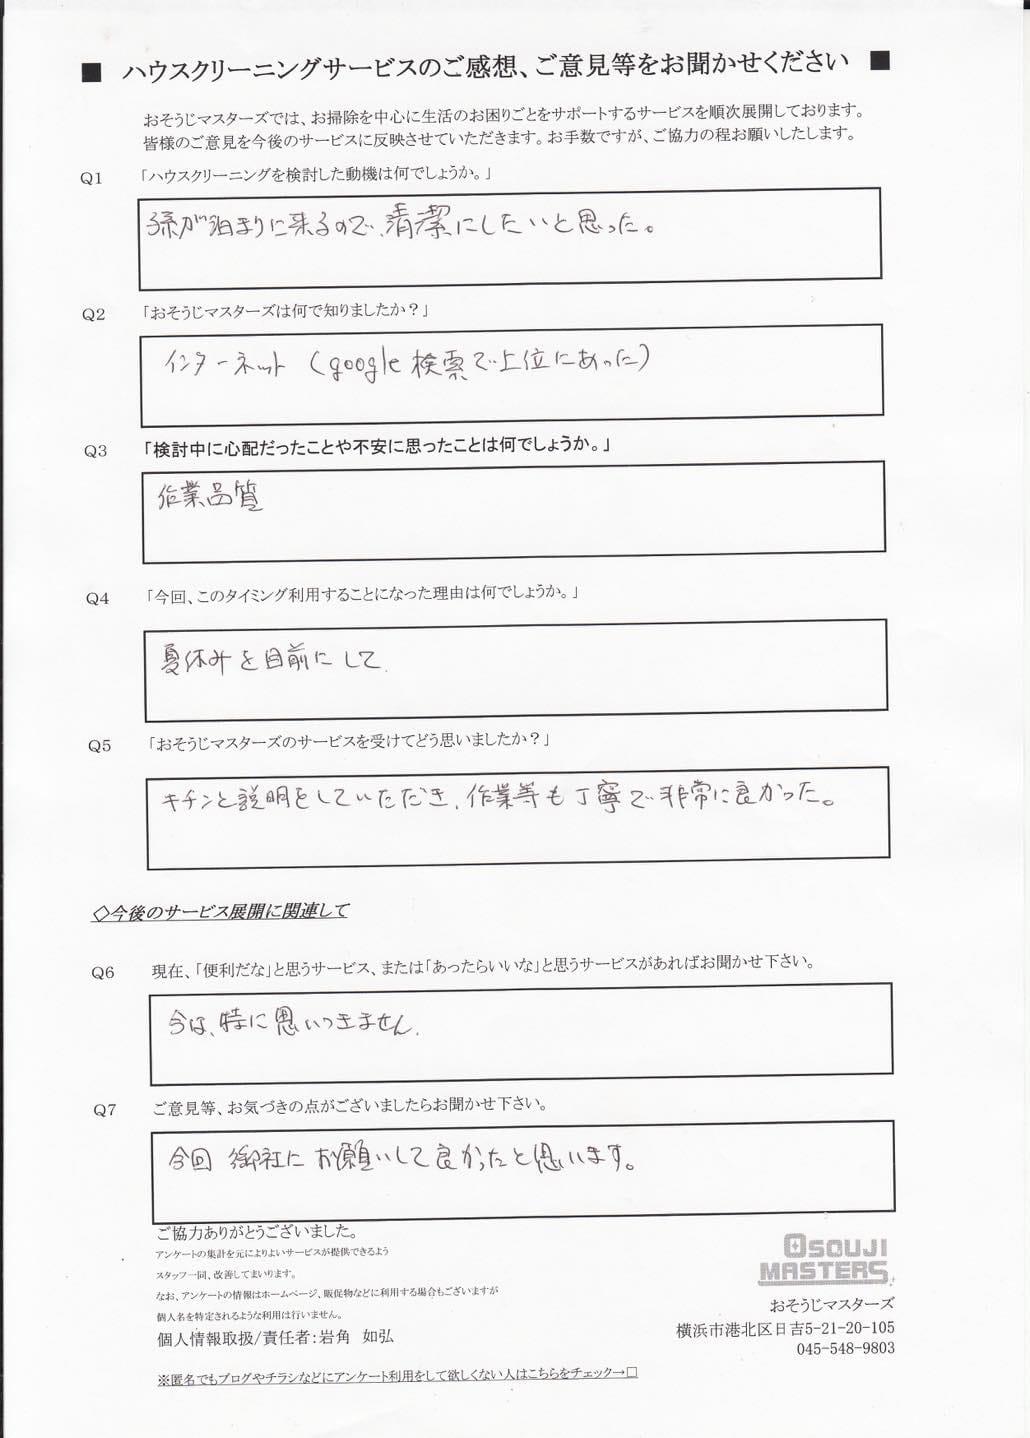 2015/07/20 エアコンクリーニング 【横浜市青葉区】